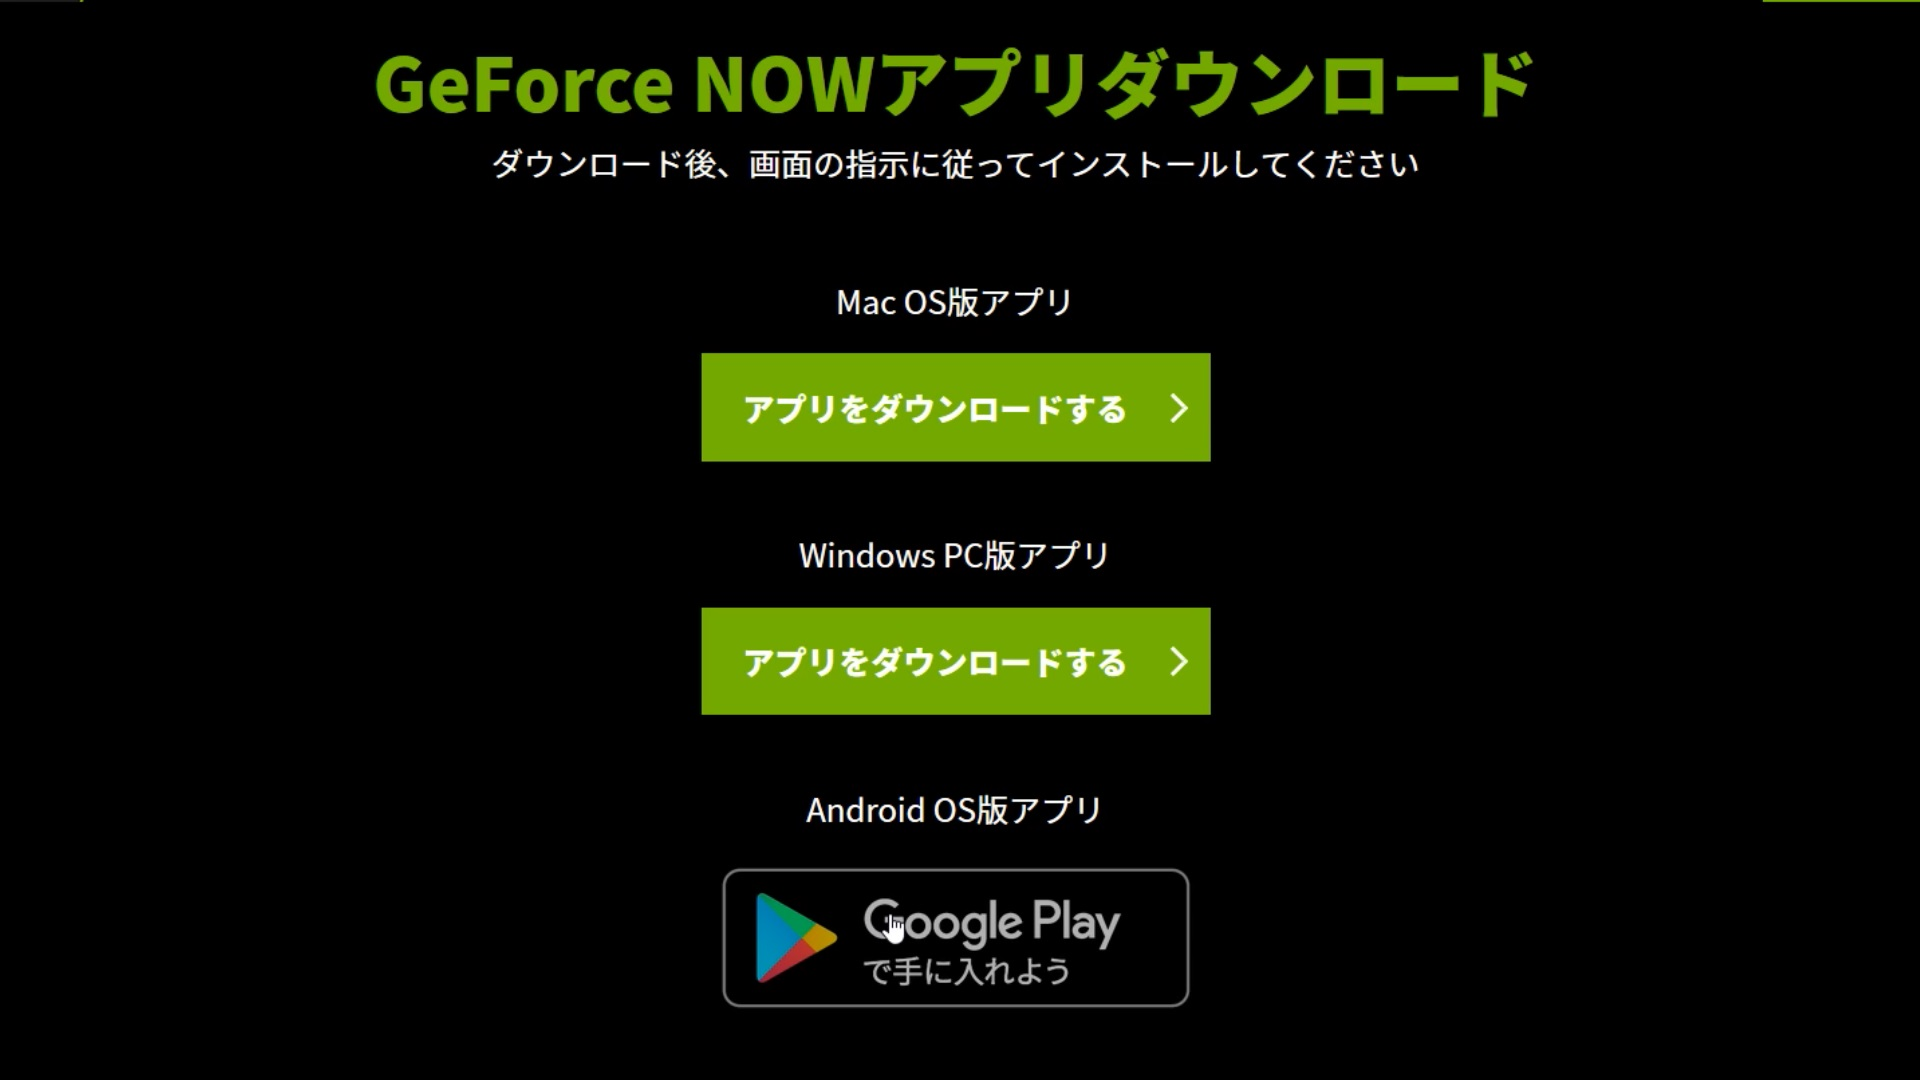 Mac、Windows、Androidのいずれでもアプリのダウンロードが可能です。 GeForce Nowは2020年6月19日現在ではiPhoneには対応していません。